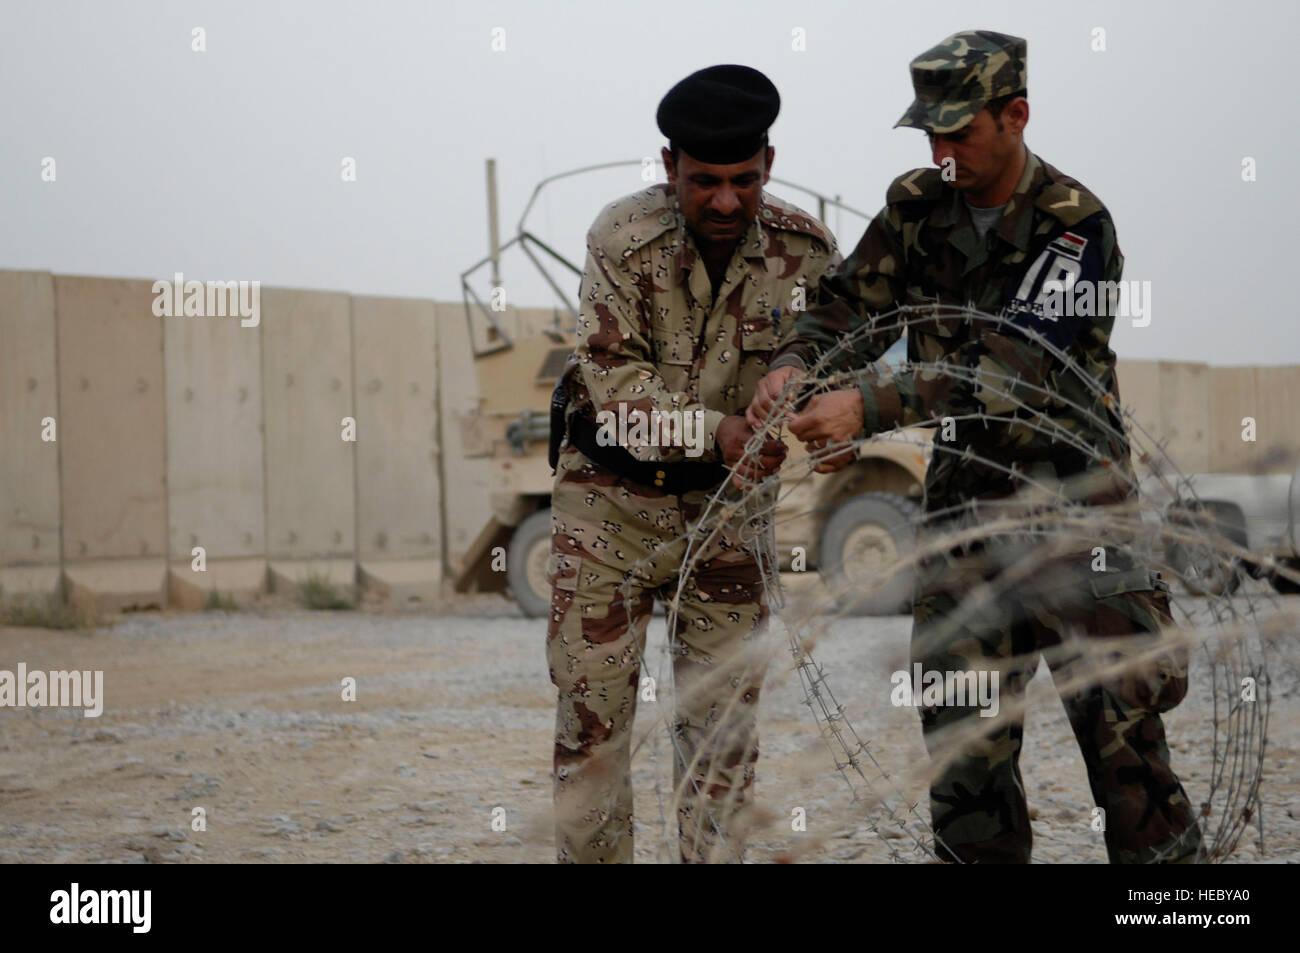 Irakische Polizei Ausbilder mit der Mosul öffentlich-rechtlichen ...